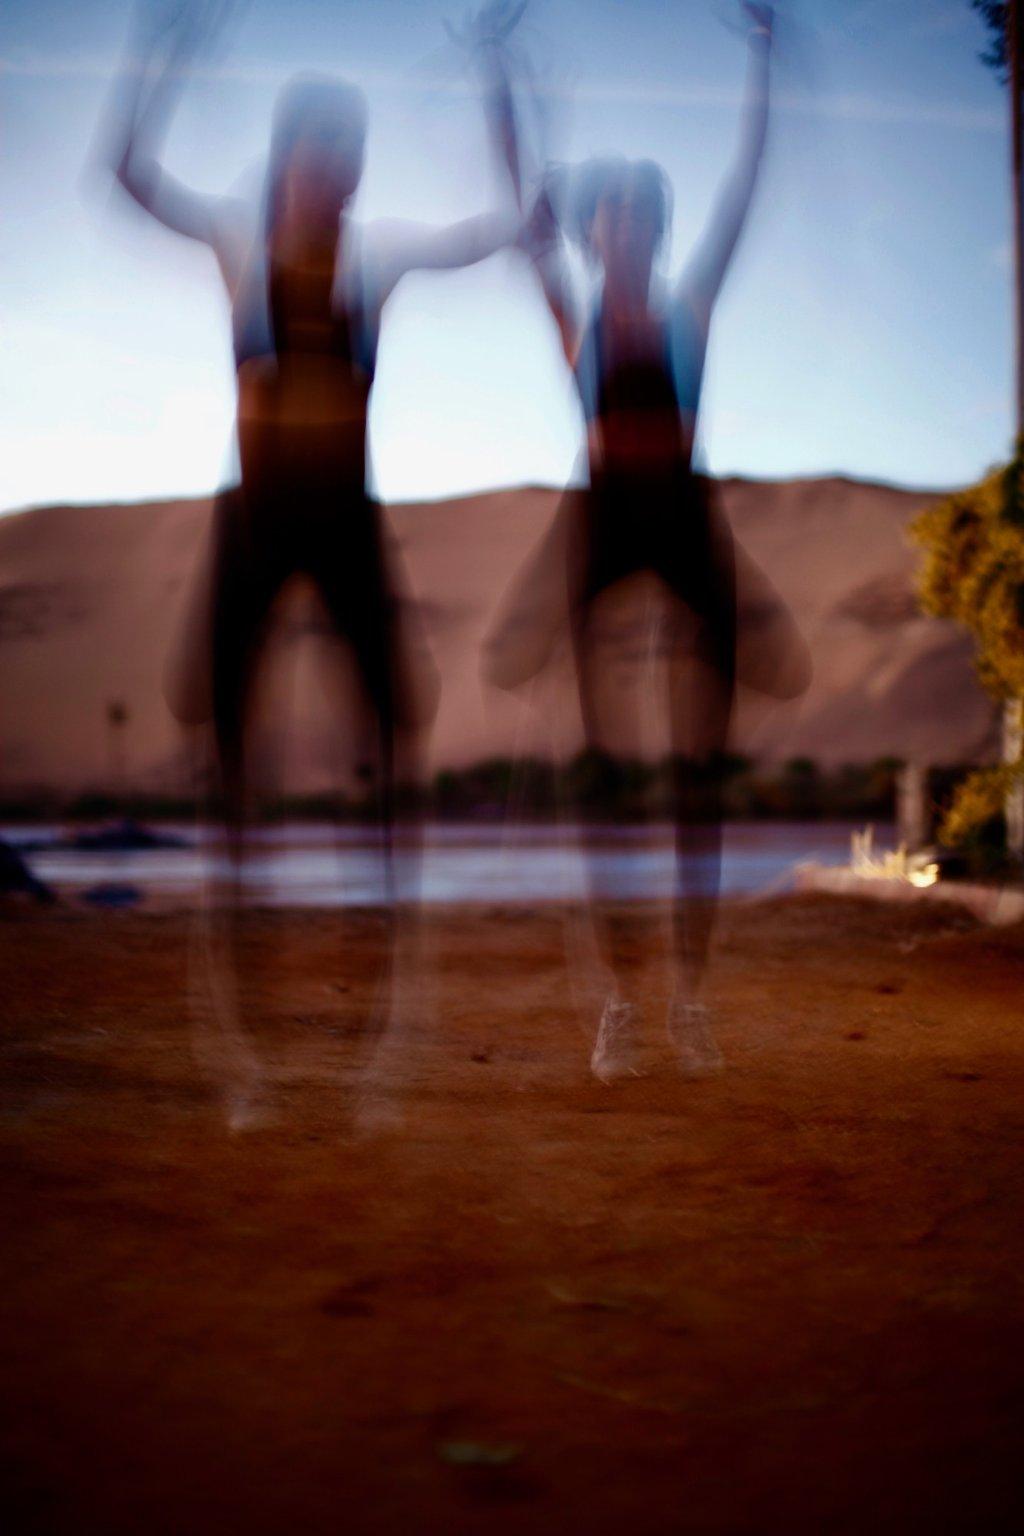 Image flou de deux filles de face qui porte des tenues AZ/AR